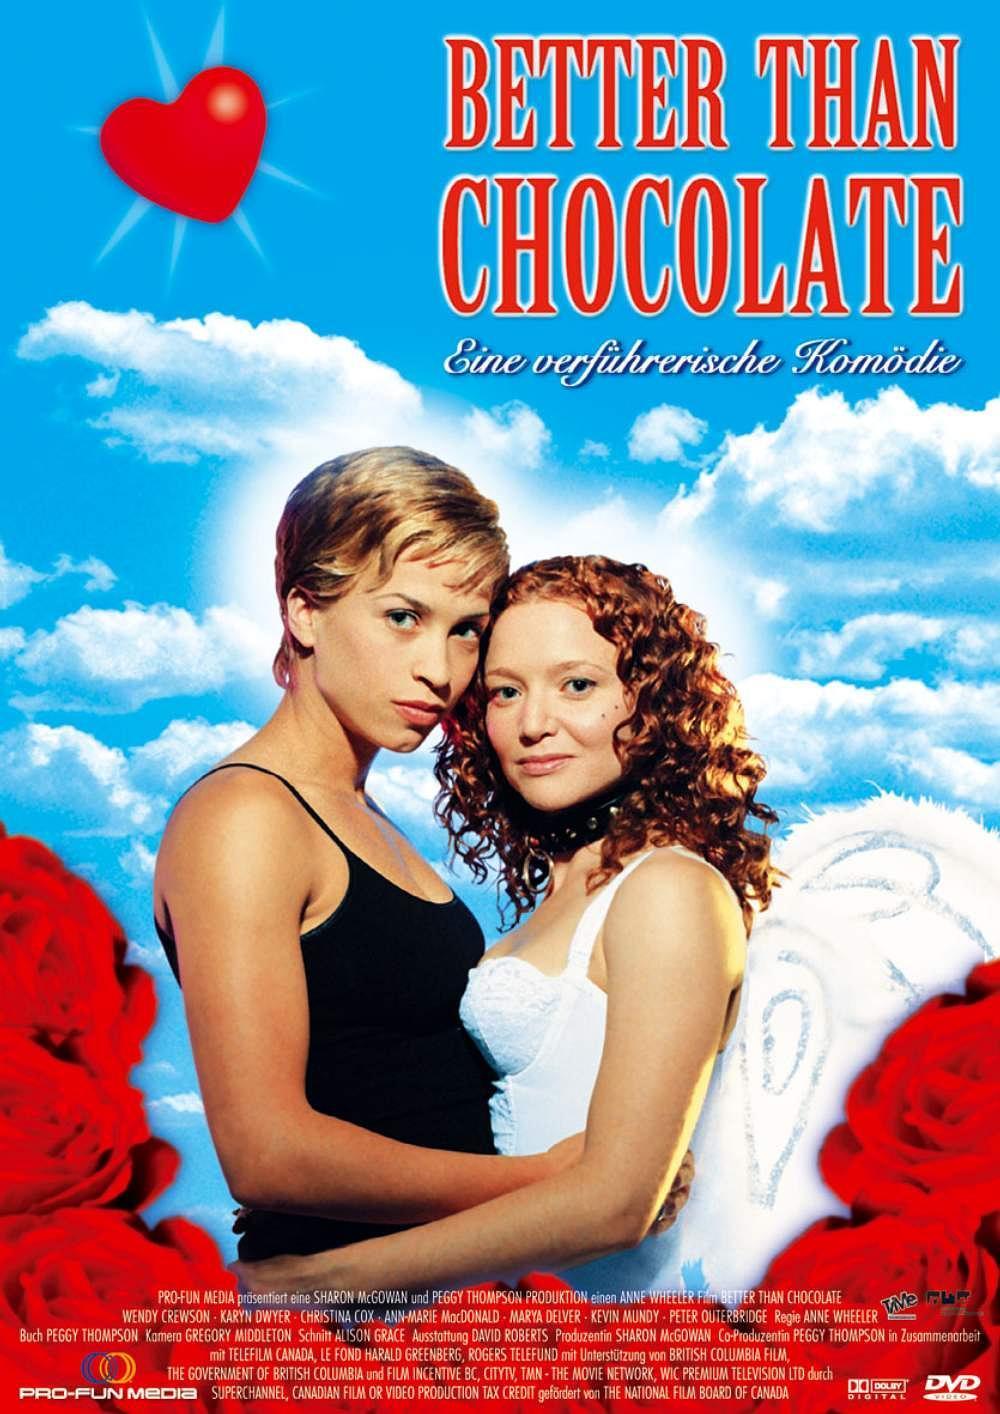 比巧克力还甜